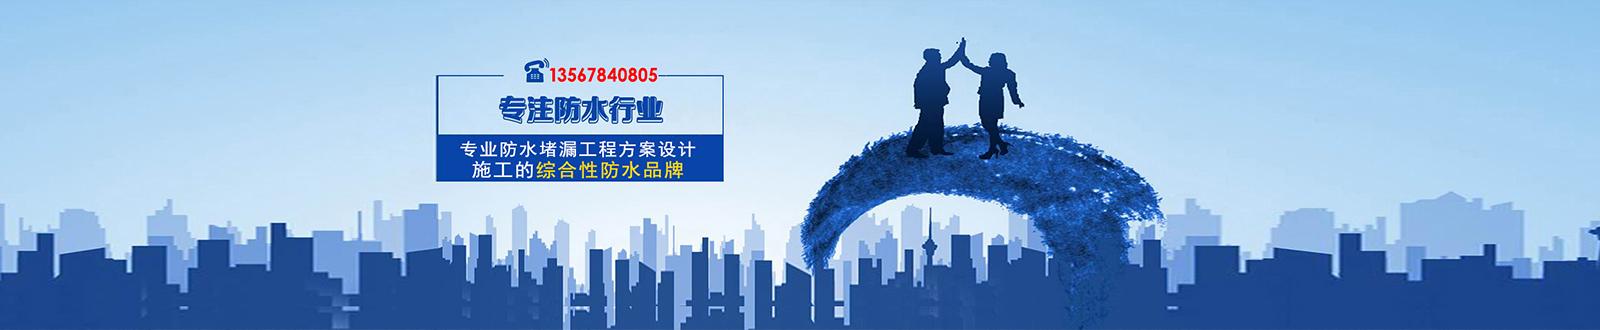 宁波辉硕防水工程有限公司